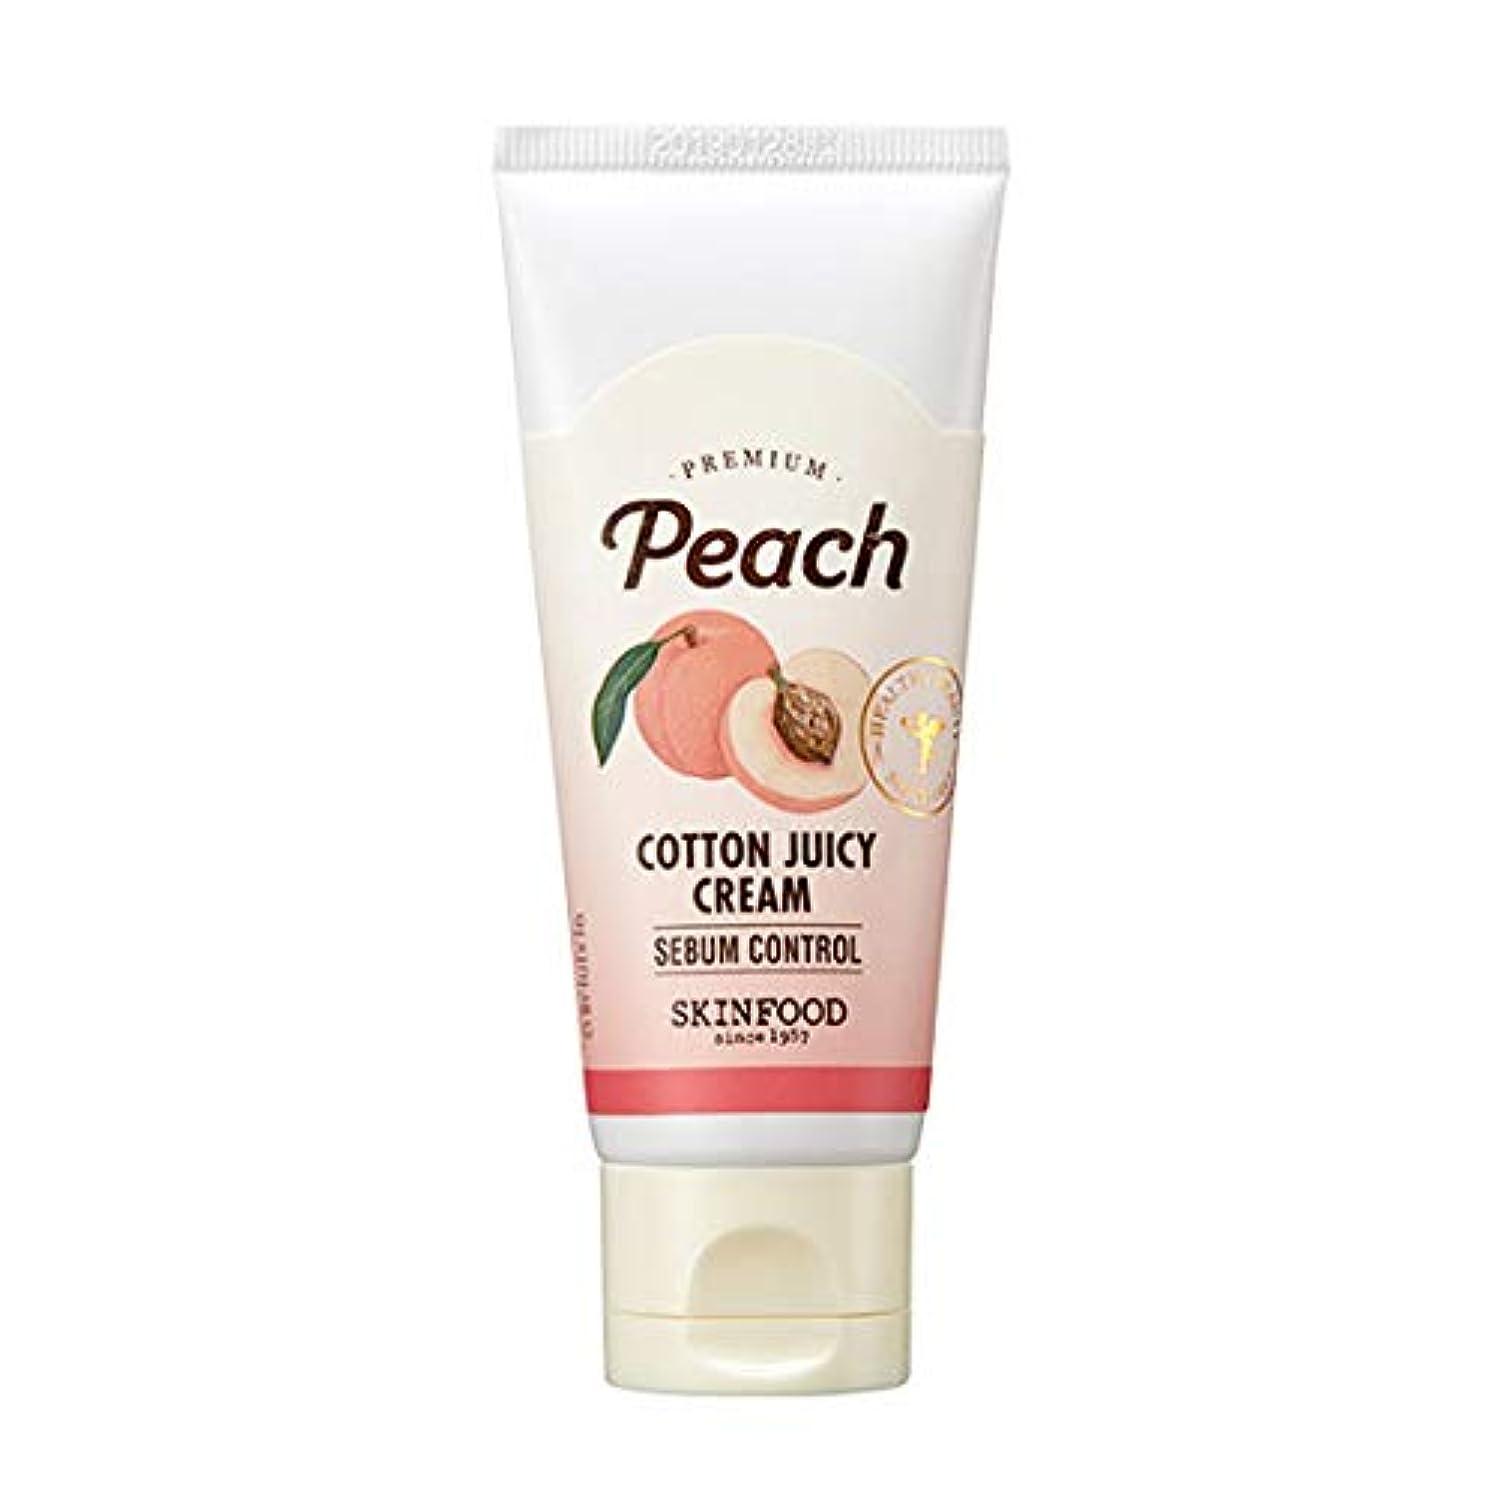 居住者彼女は紳士Skinfood プレミアムピーチコットンジューシークリーム/Premium Peach Cotton Juicy Cream 60ml [並行輸入品]